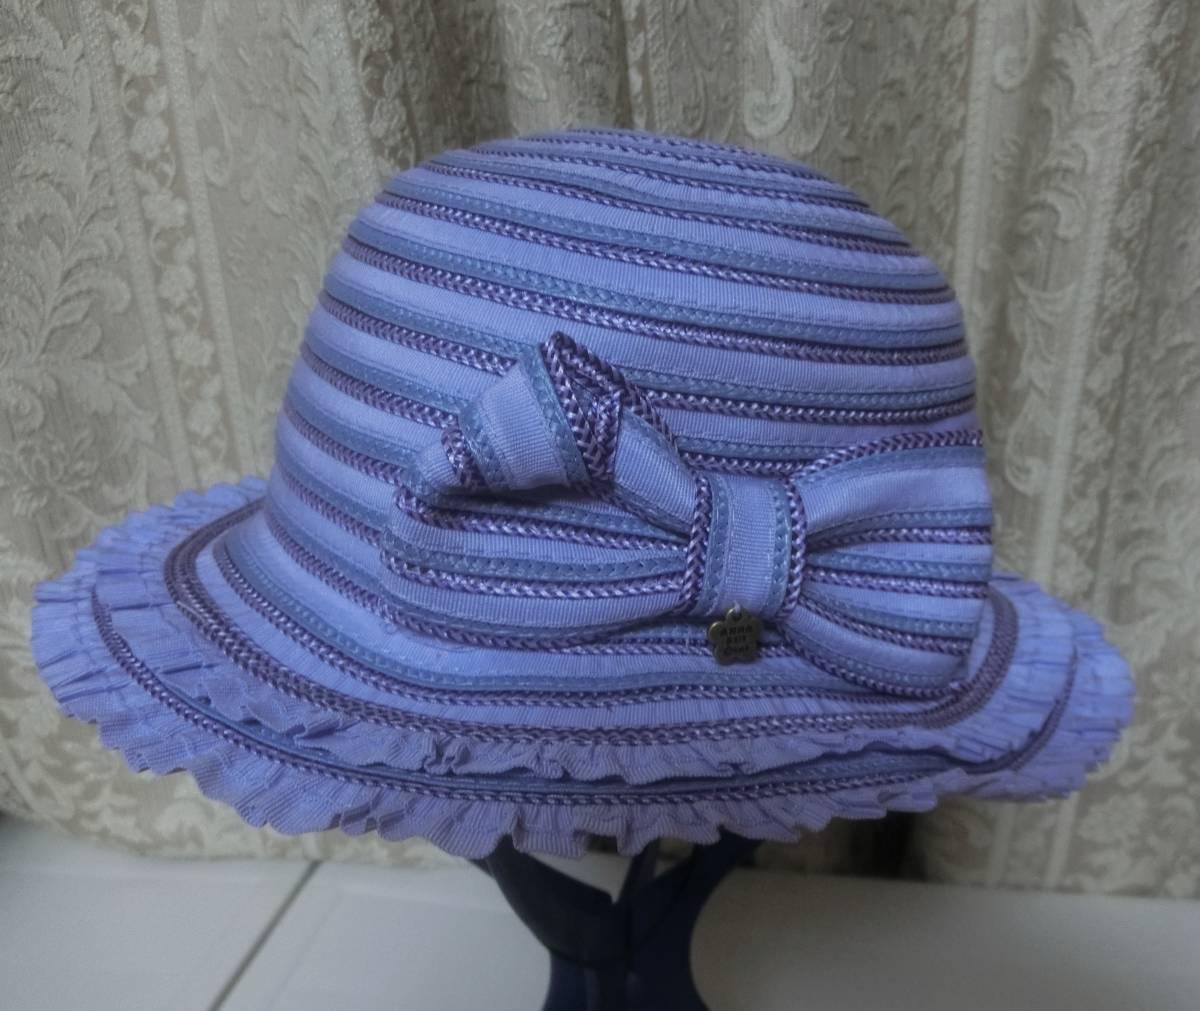 ◆アナスイミニ◆可愛い麦わら帽子◆パープル◆リボン◆超美品◆ANNASUImini◆_画像2